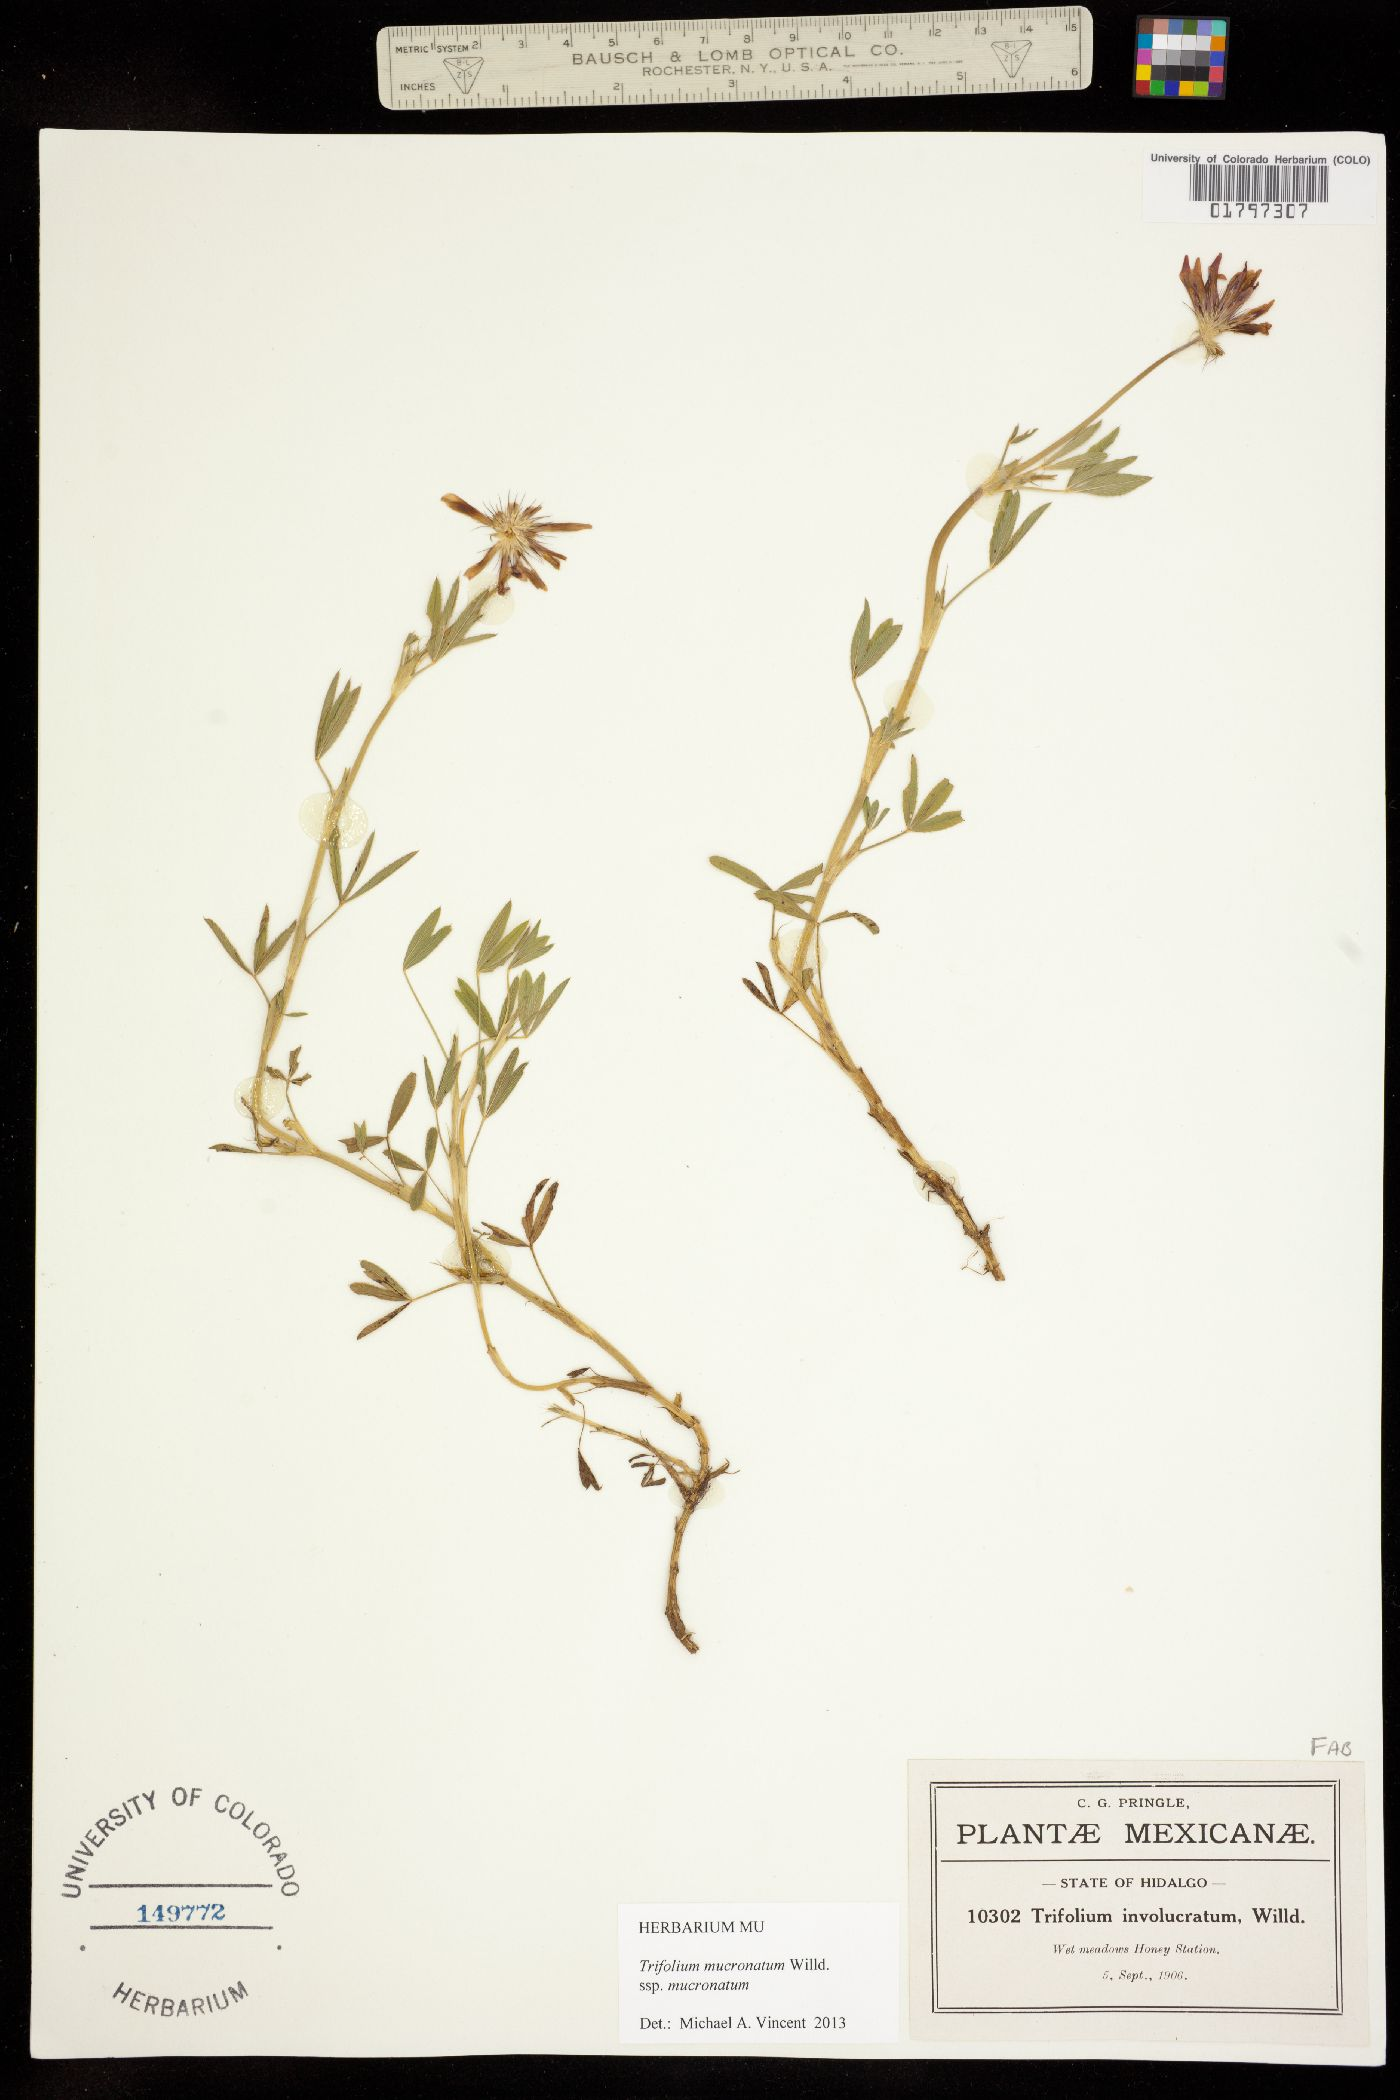 Trifolium mucronatum ssp. mucronatum image